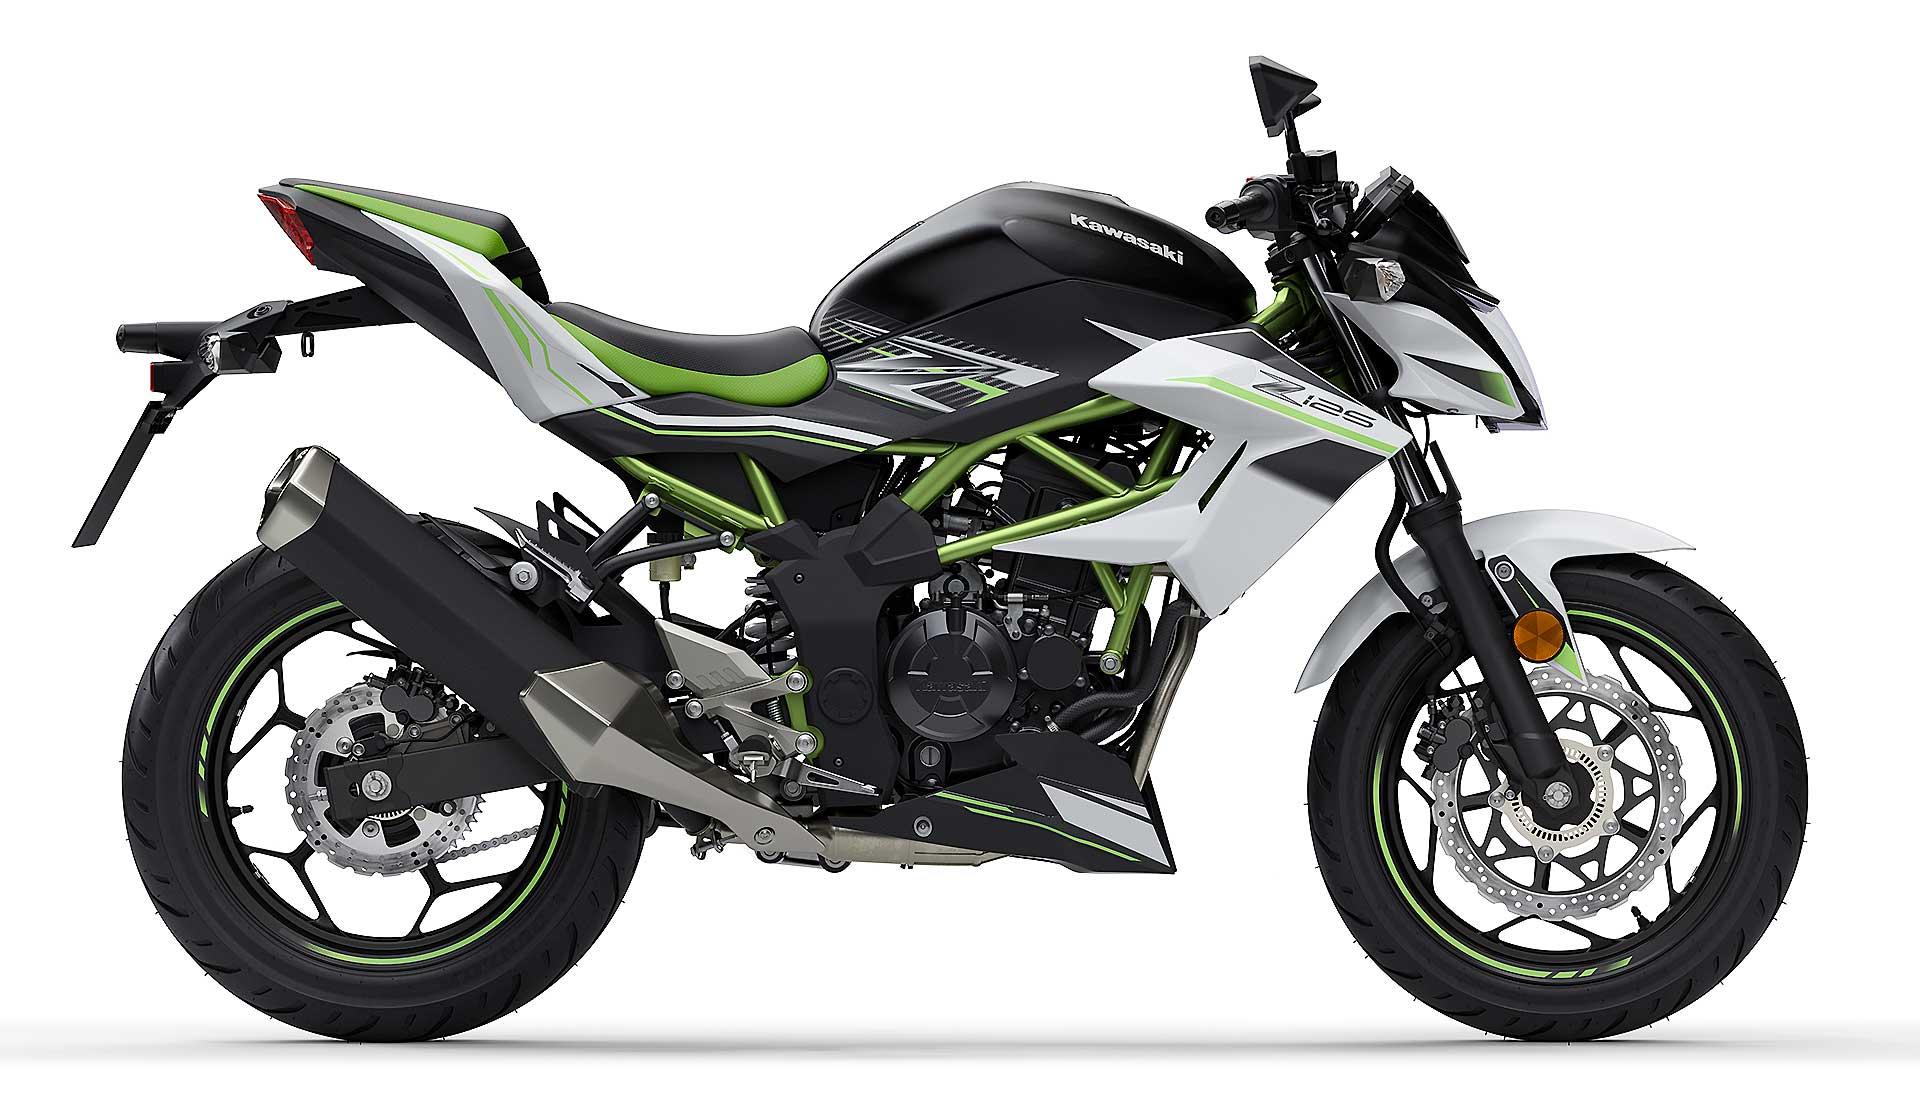 Le migliori moto 125 - naked, motard, enduro, sportive